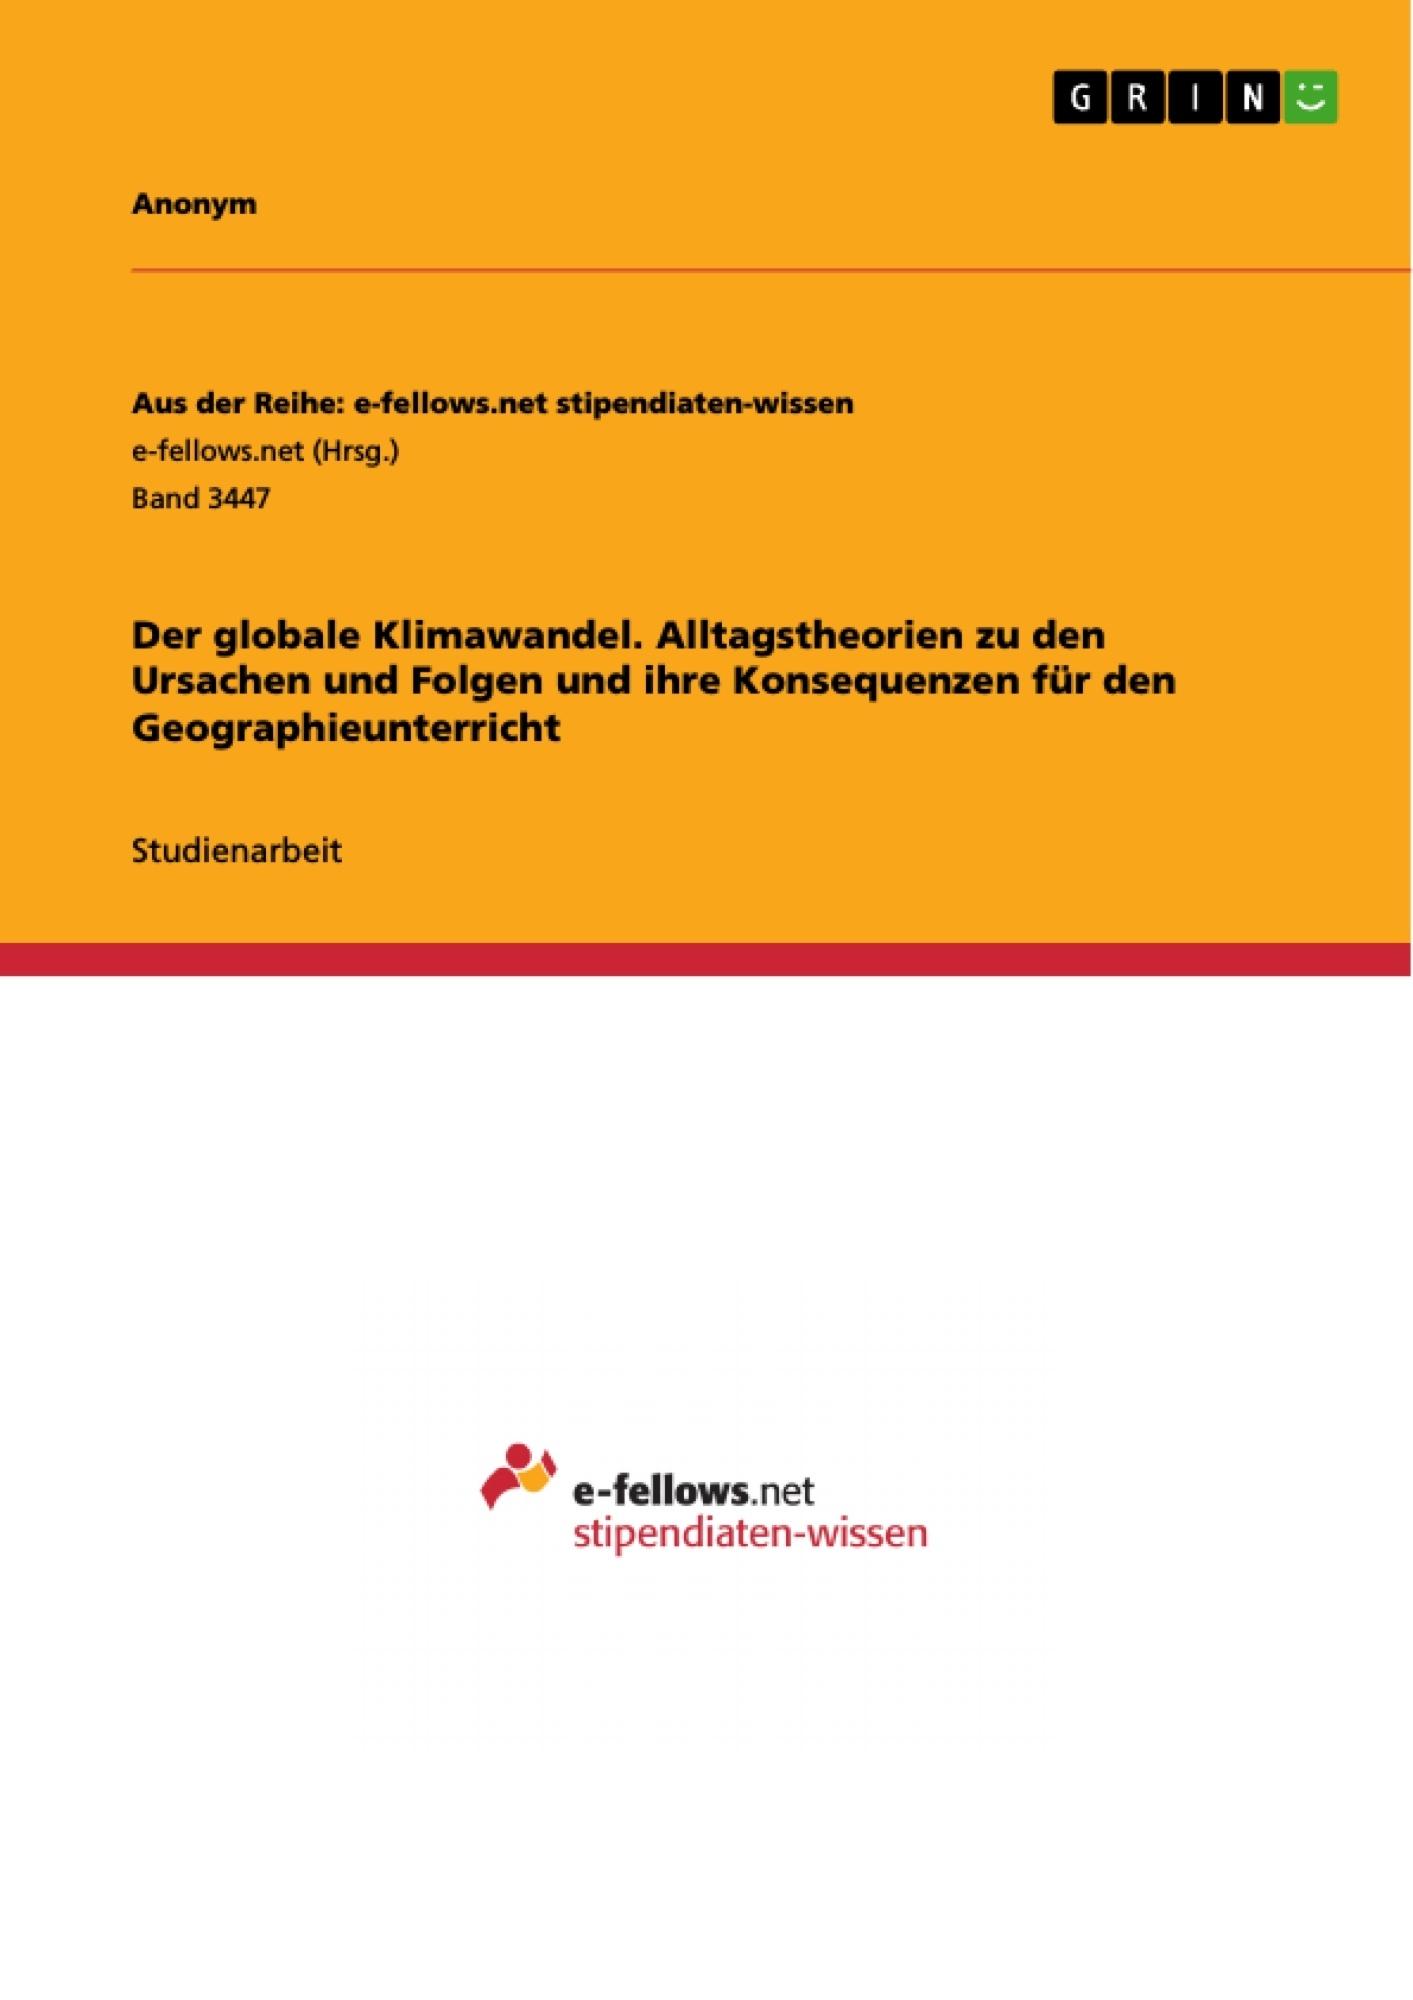 Titel: Der globale Klimawandel. Alltagstheorien zu den Ursachen und Folgen und ihre Konsequenzen für den Geographieunterricht